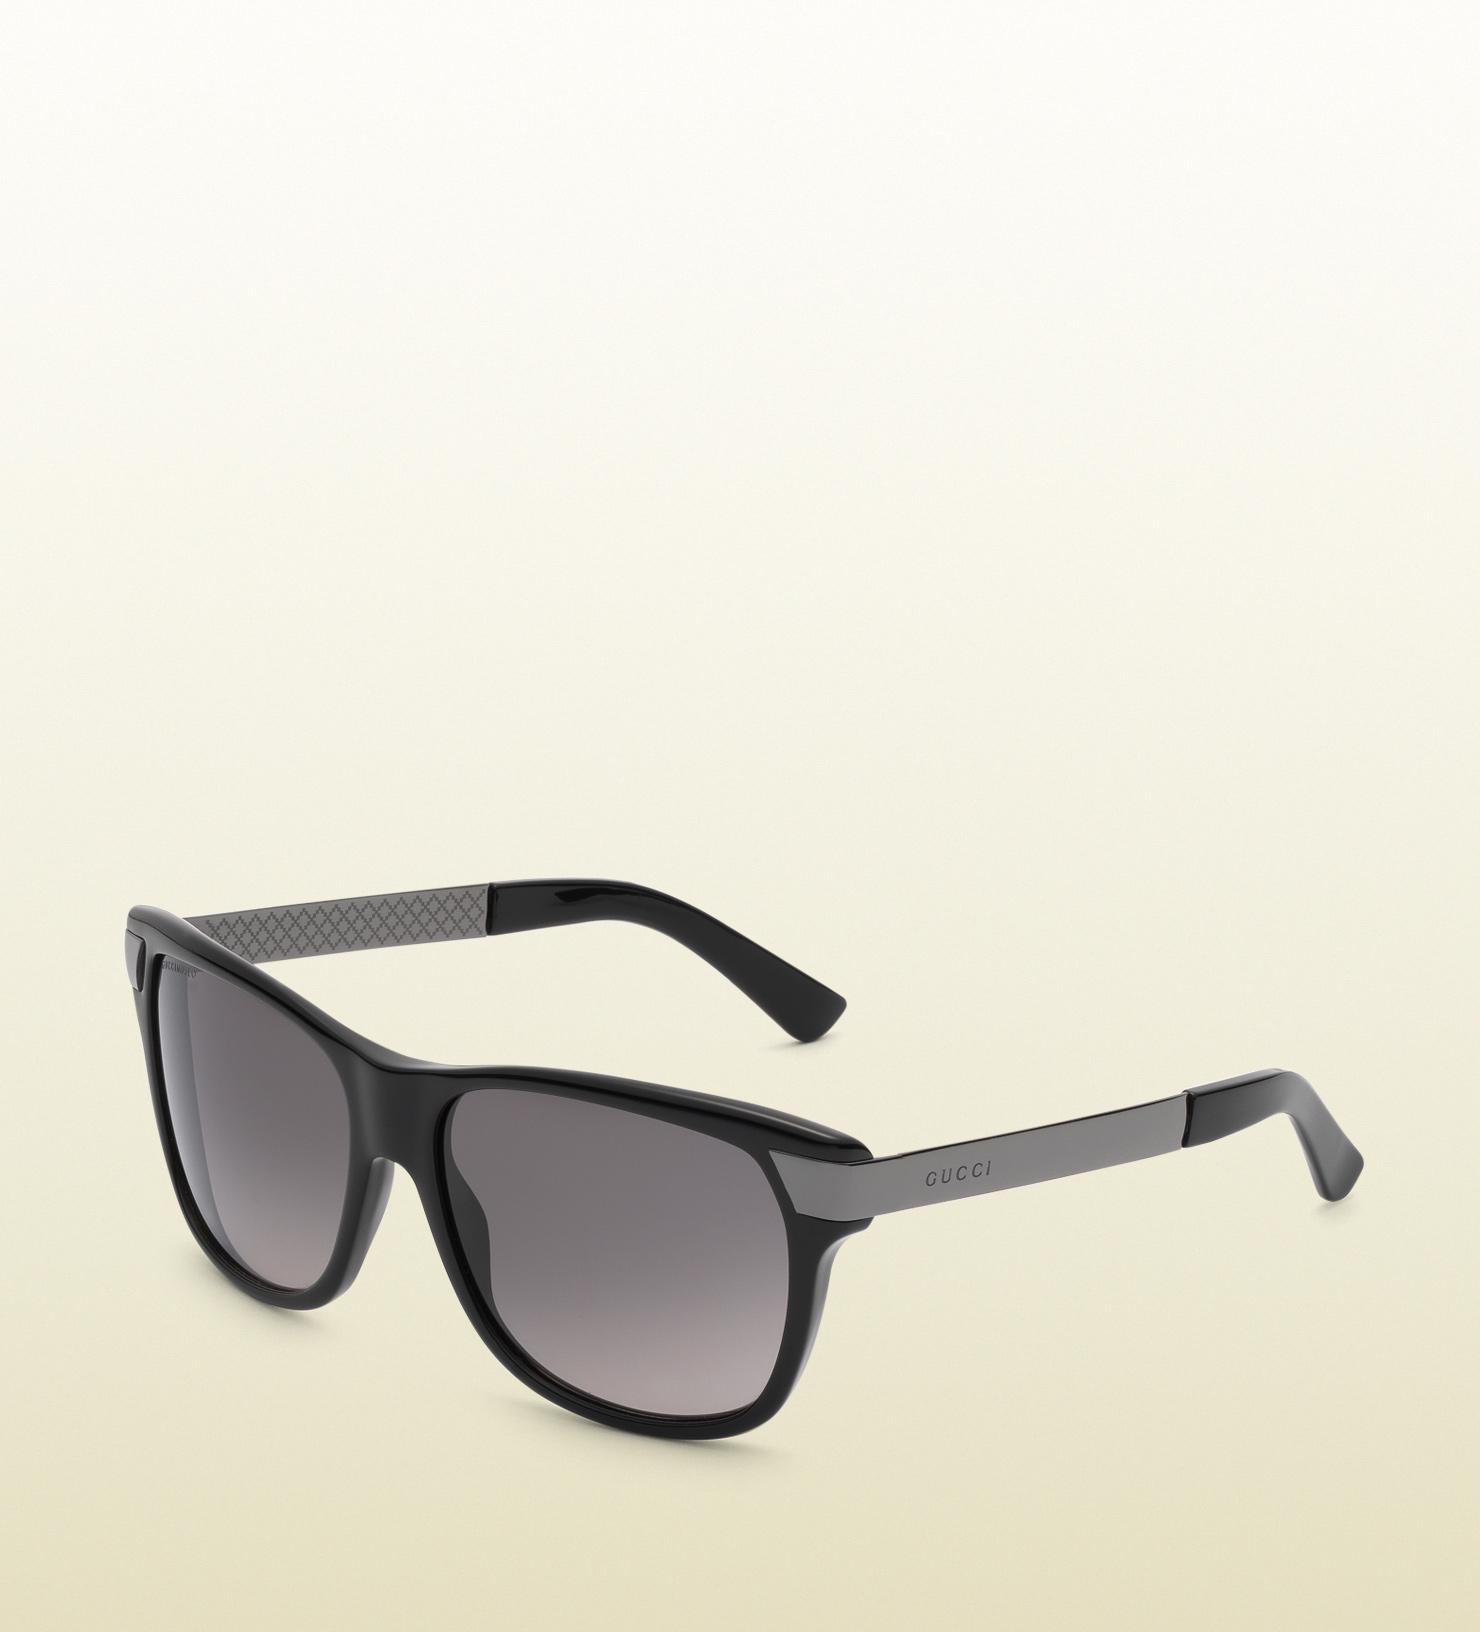 ea04069e93dcd Gucci Unisex Sunglasses